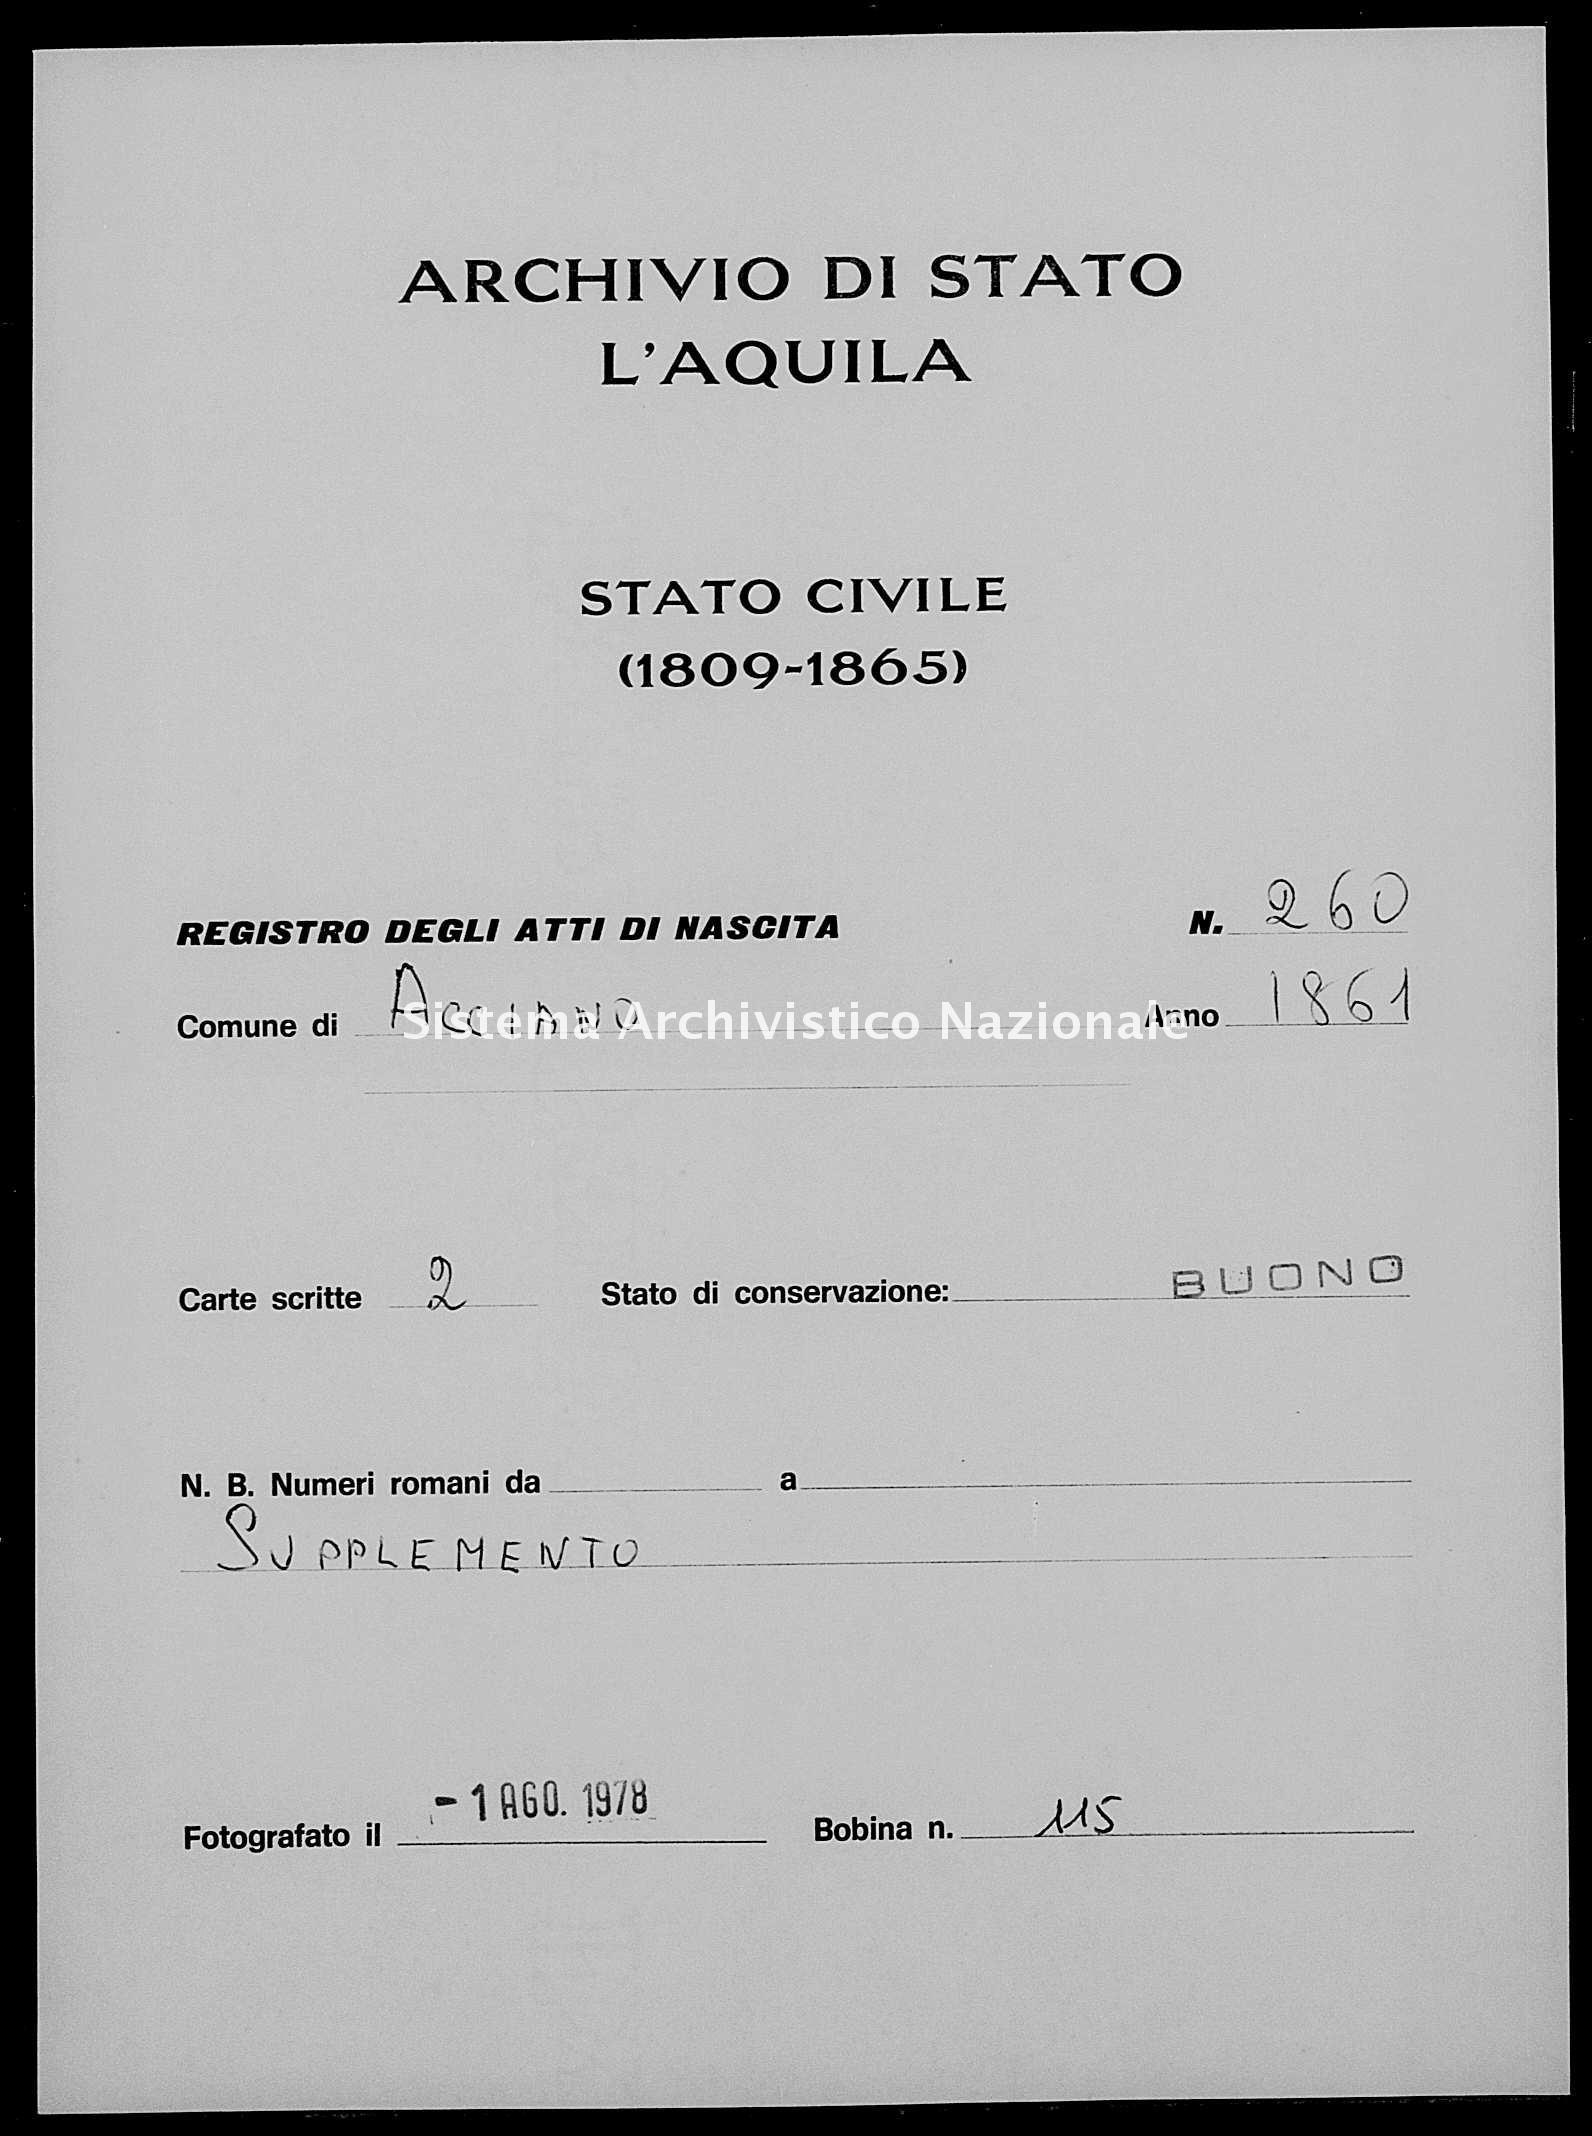 Archivio di stato di L'aquila - Stato civile italiano - Acciano - Nati, esposti - 1861 - 260 -